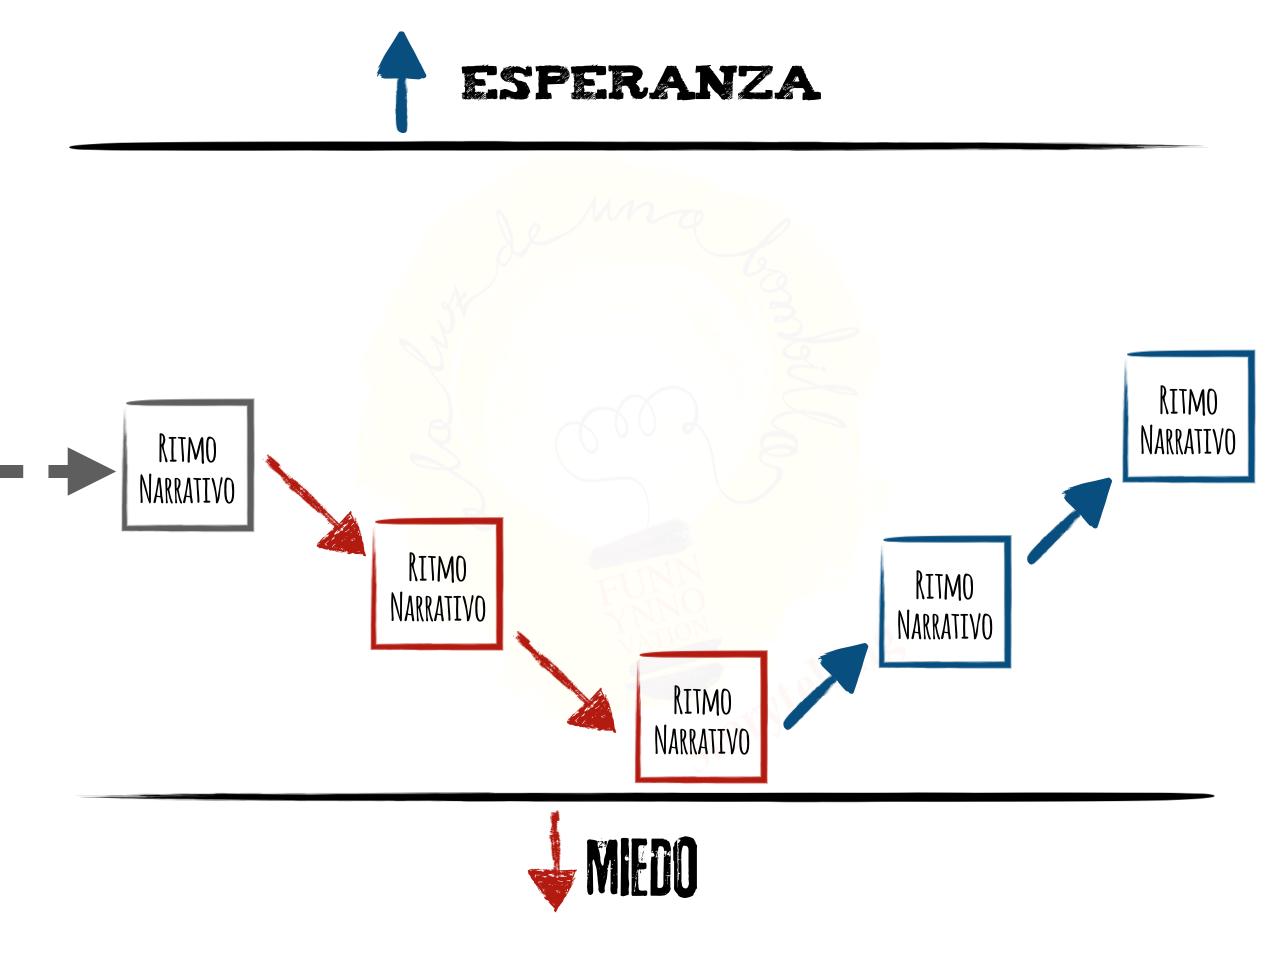 https://www.alaluzdeunabombilla.com/wp-content/uploads/2019/11/EsperanzaMiedo2.png